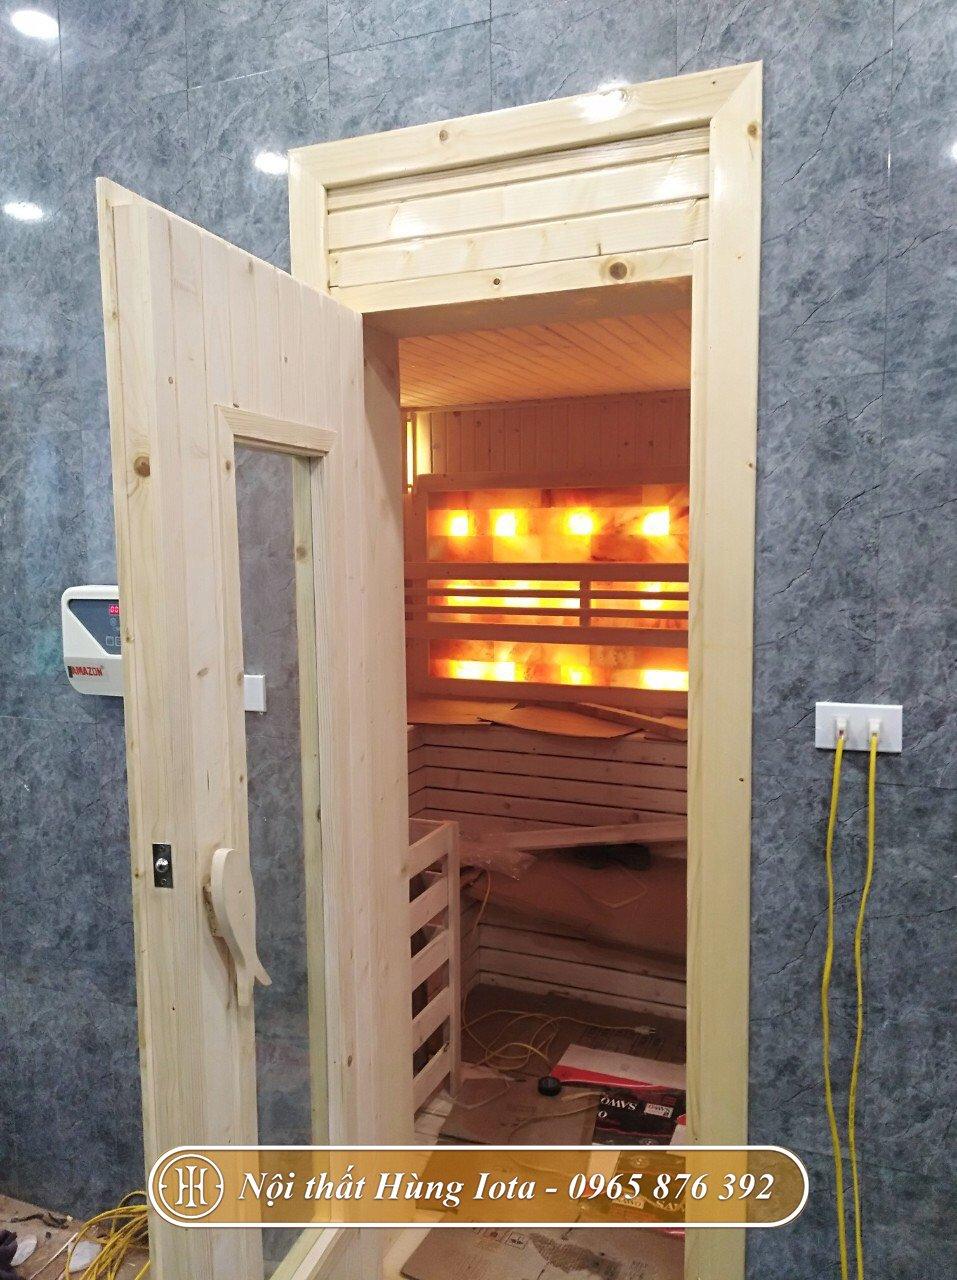 Phòng xông hơi đá muối nóng có nhiều công dụng cho sức khỏe